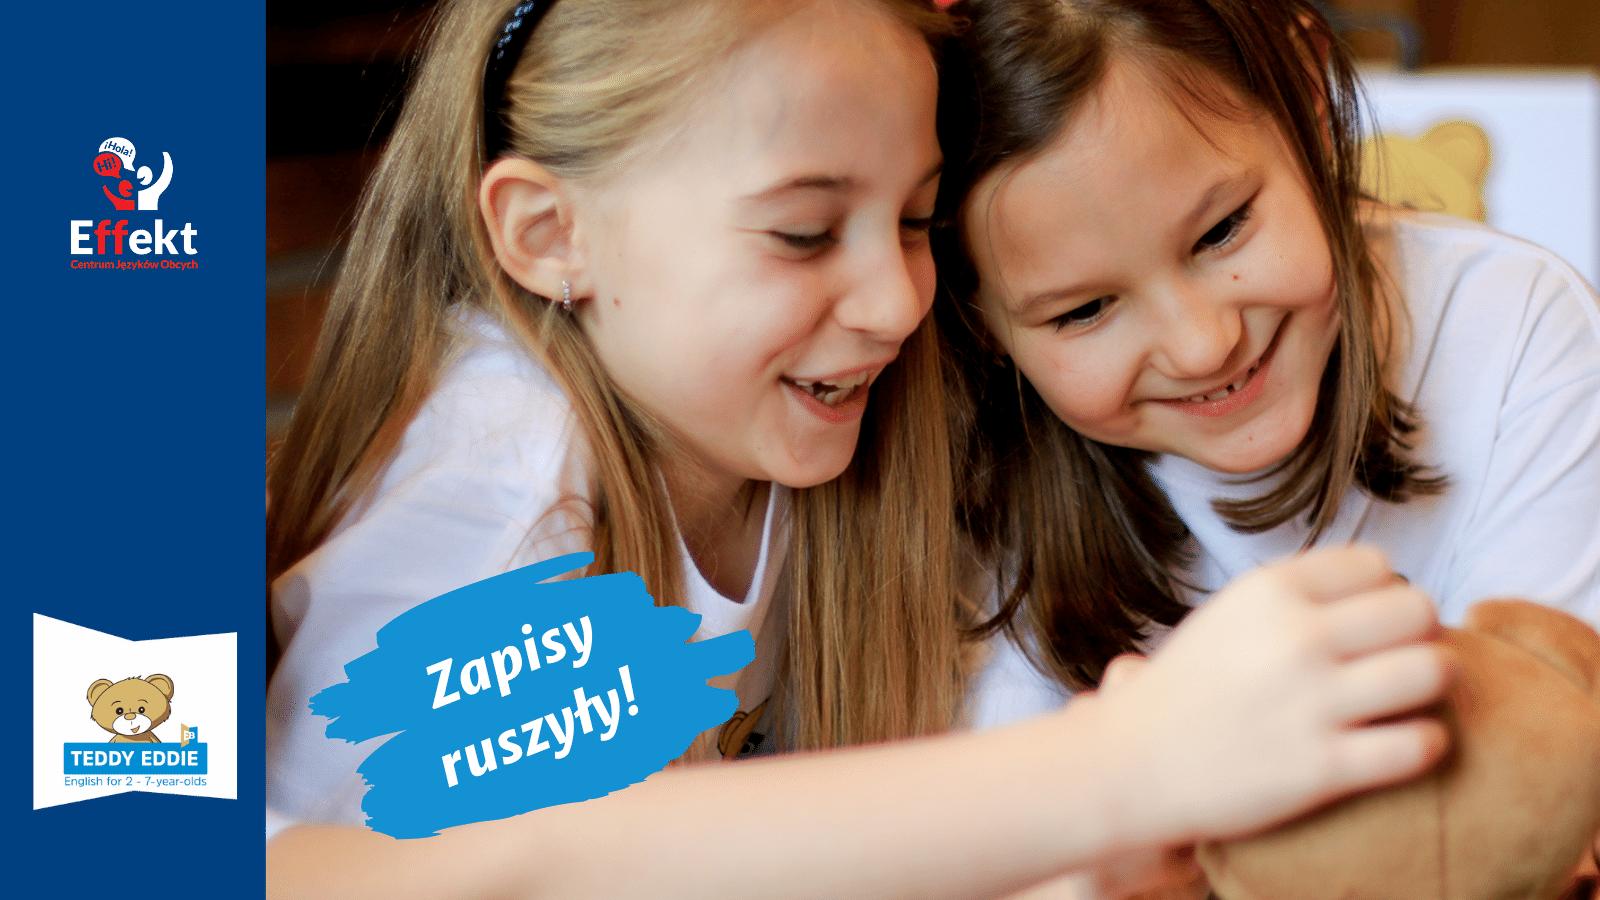 """Featured image for """"Zapisy na Teddy Eddie rozpoczęte!"""""""